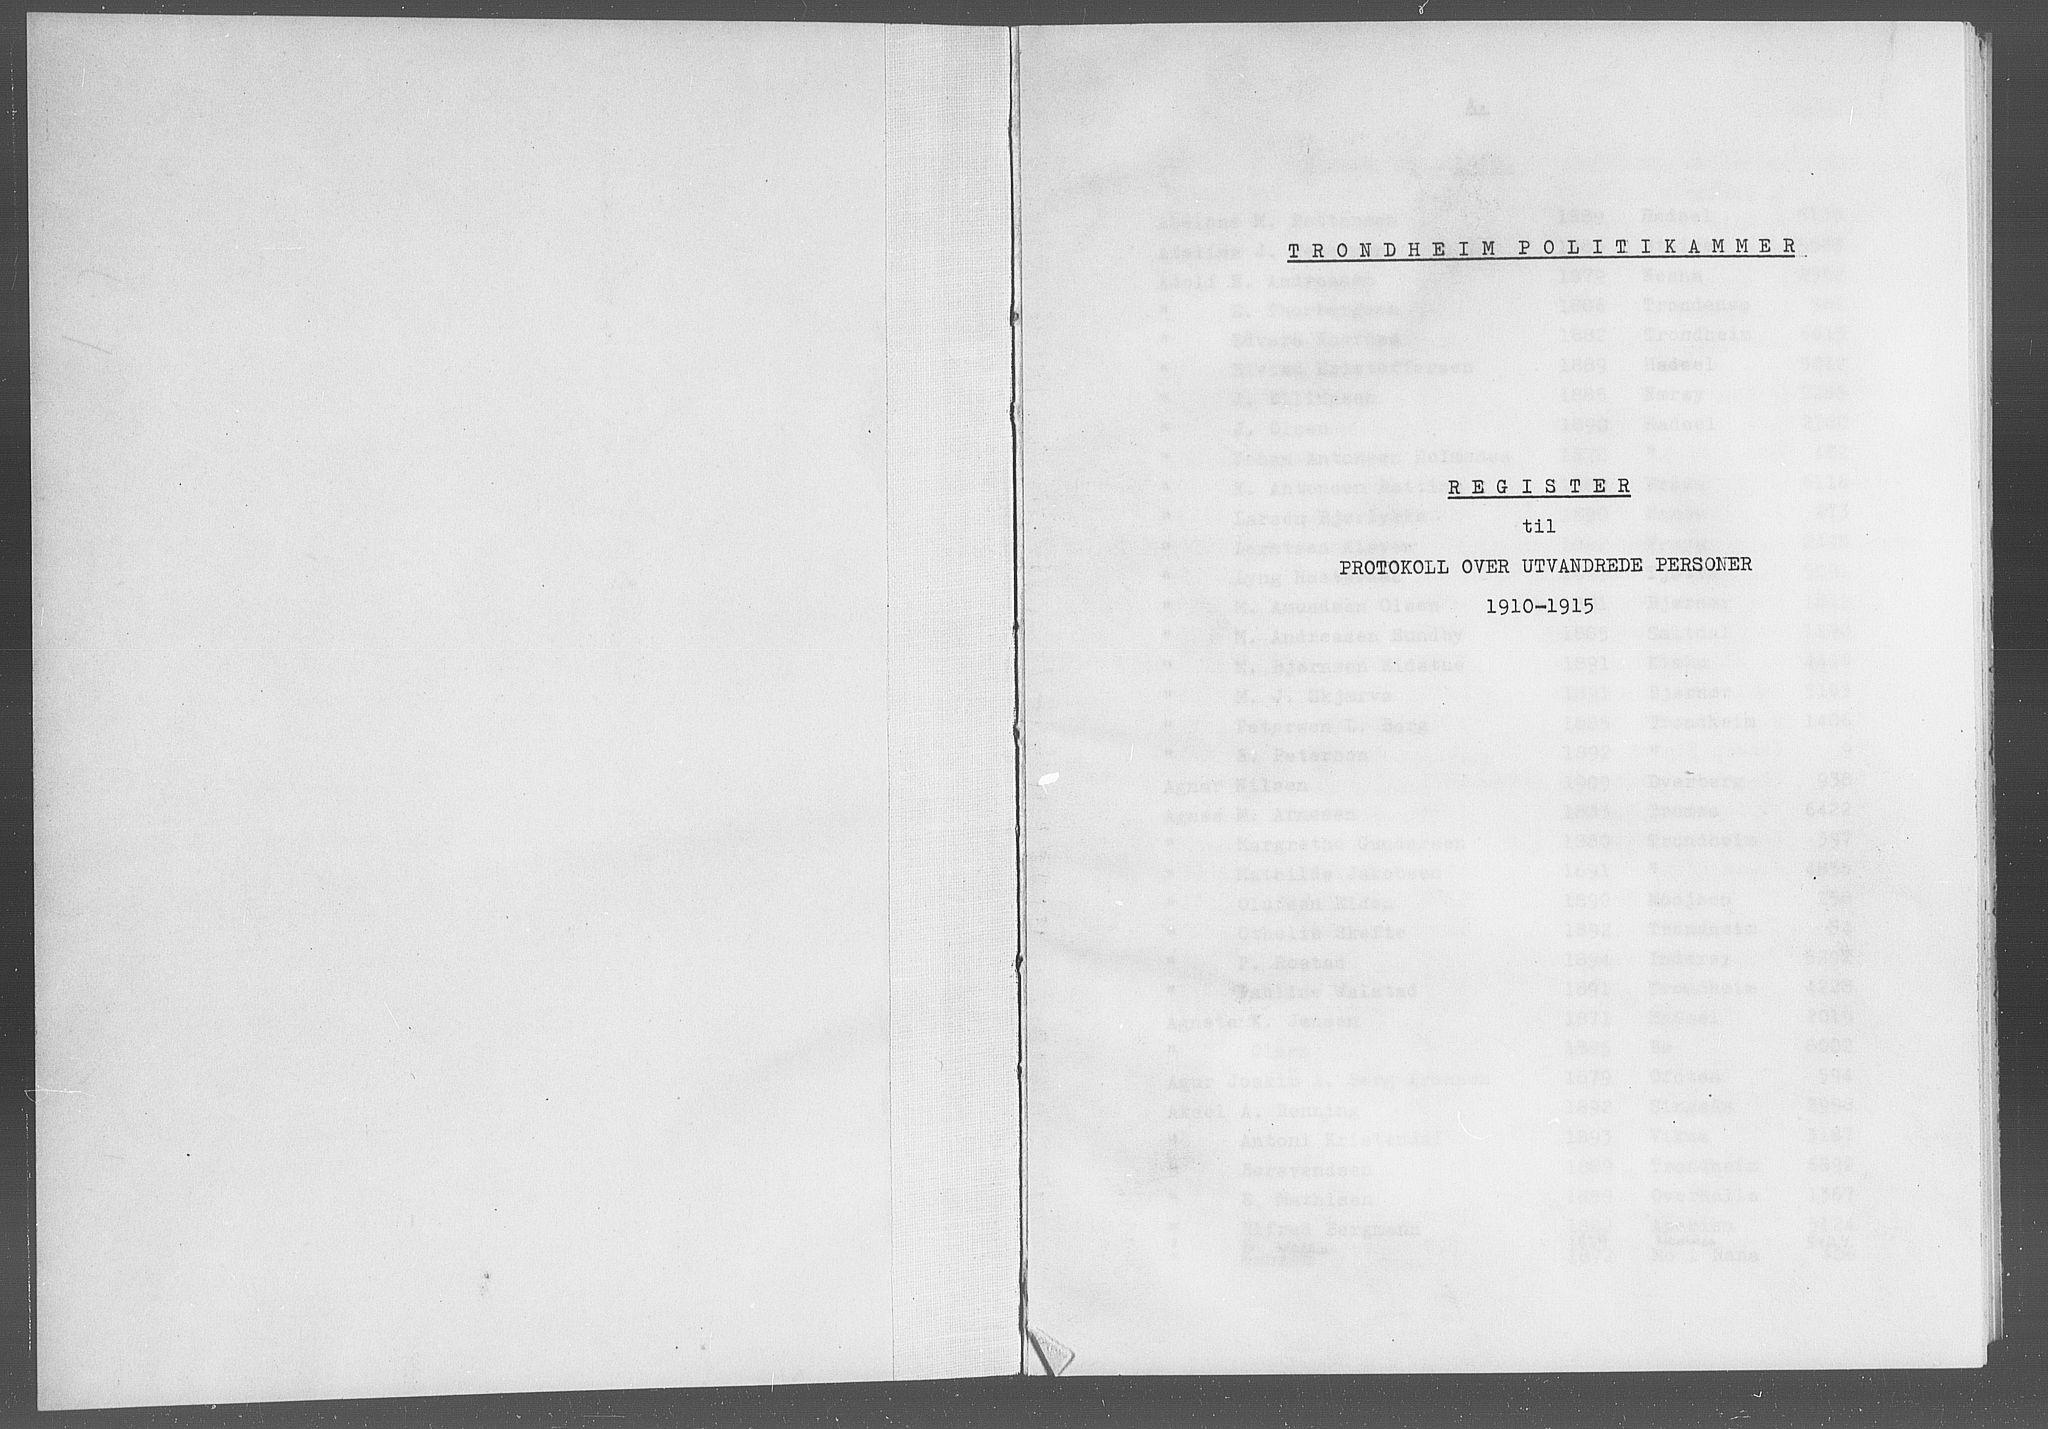 SAT, Trondheim politikammer, 32/L0019: Registre til emigrantprotokollene, 1910-1915